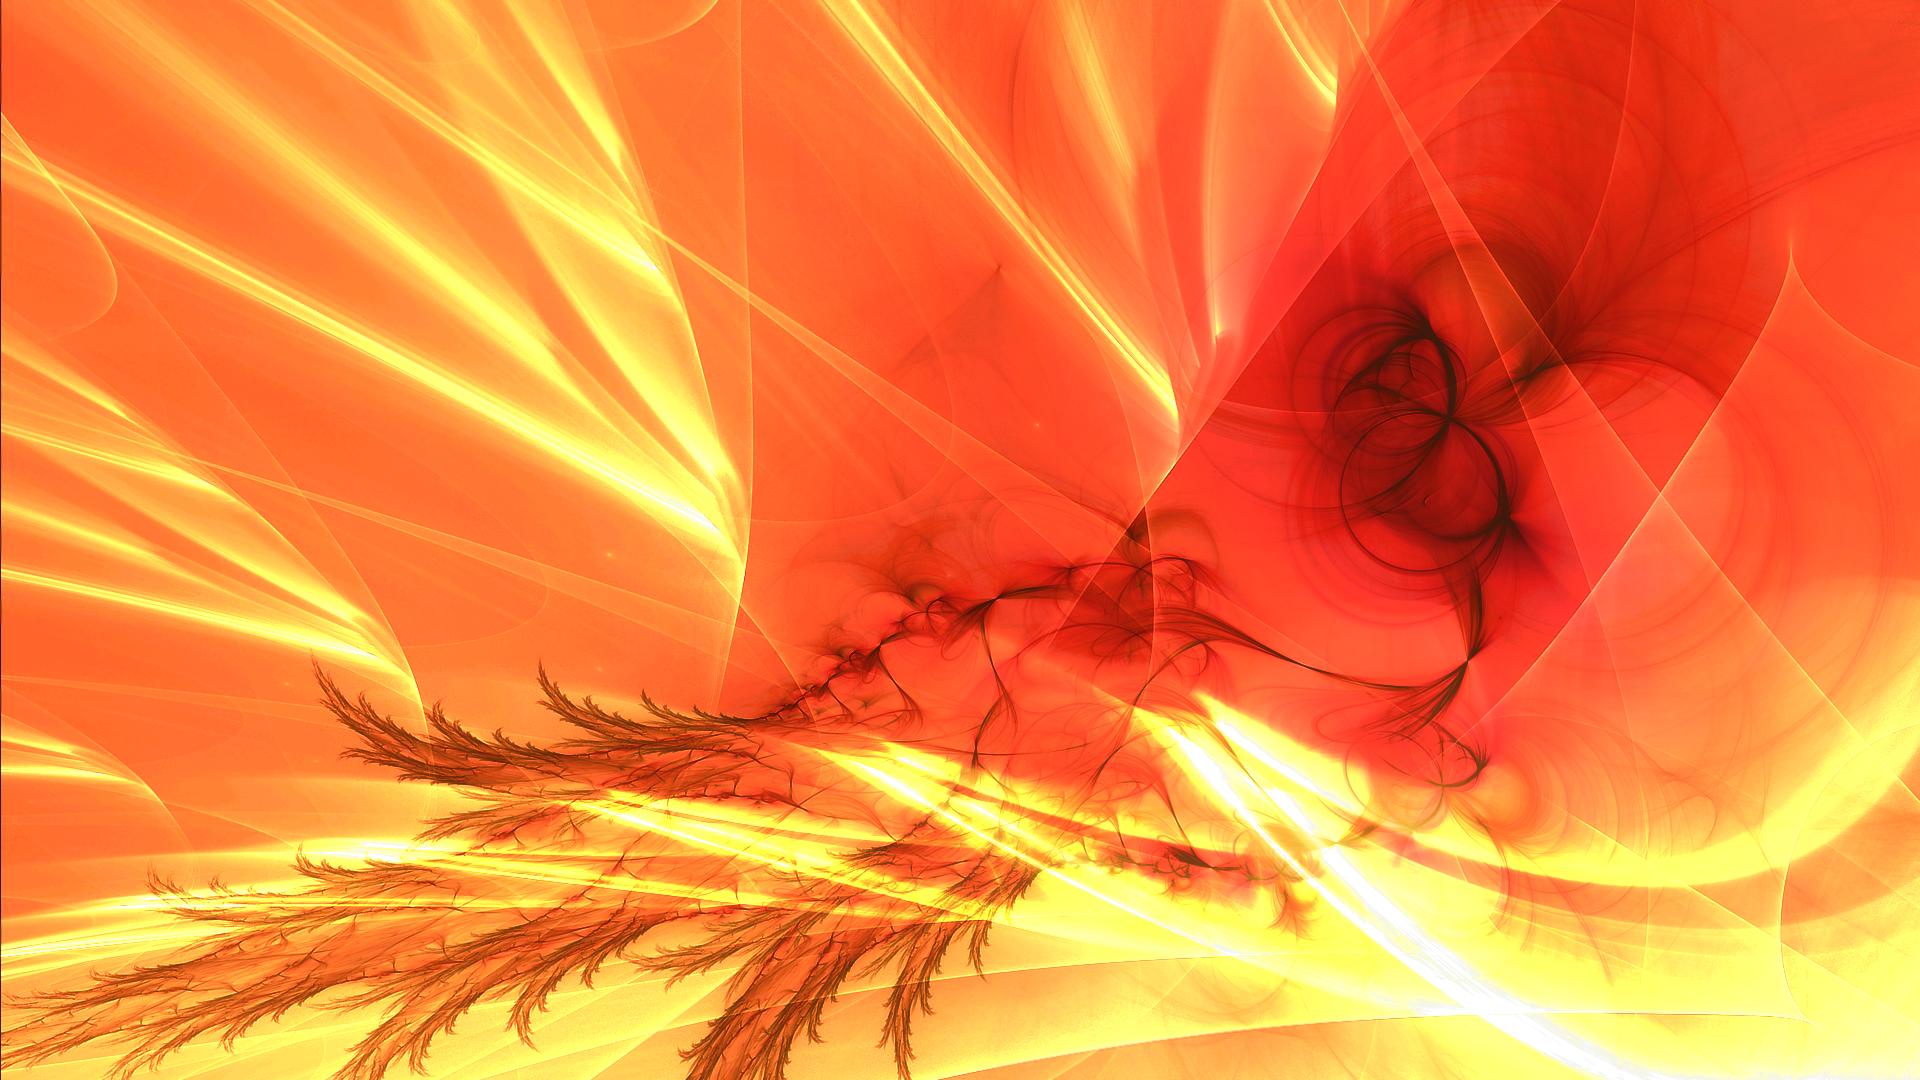 Sunfeathers by b33rheart